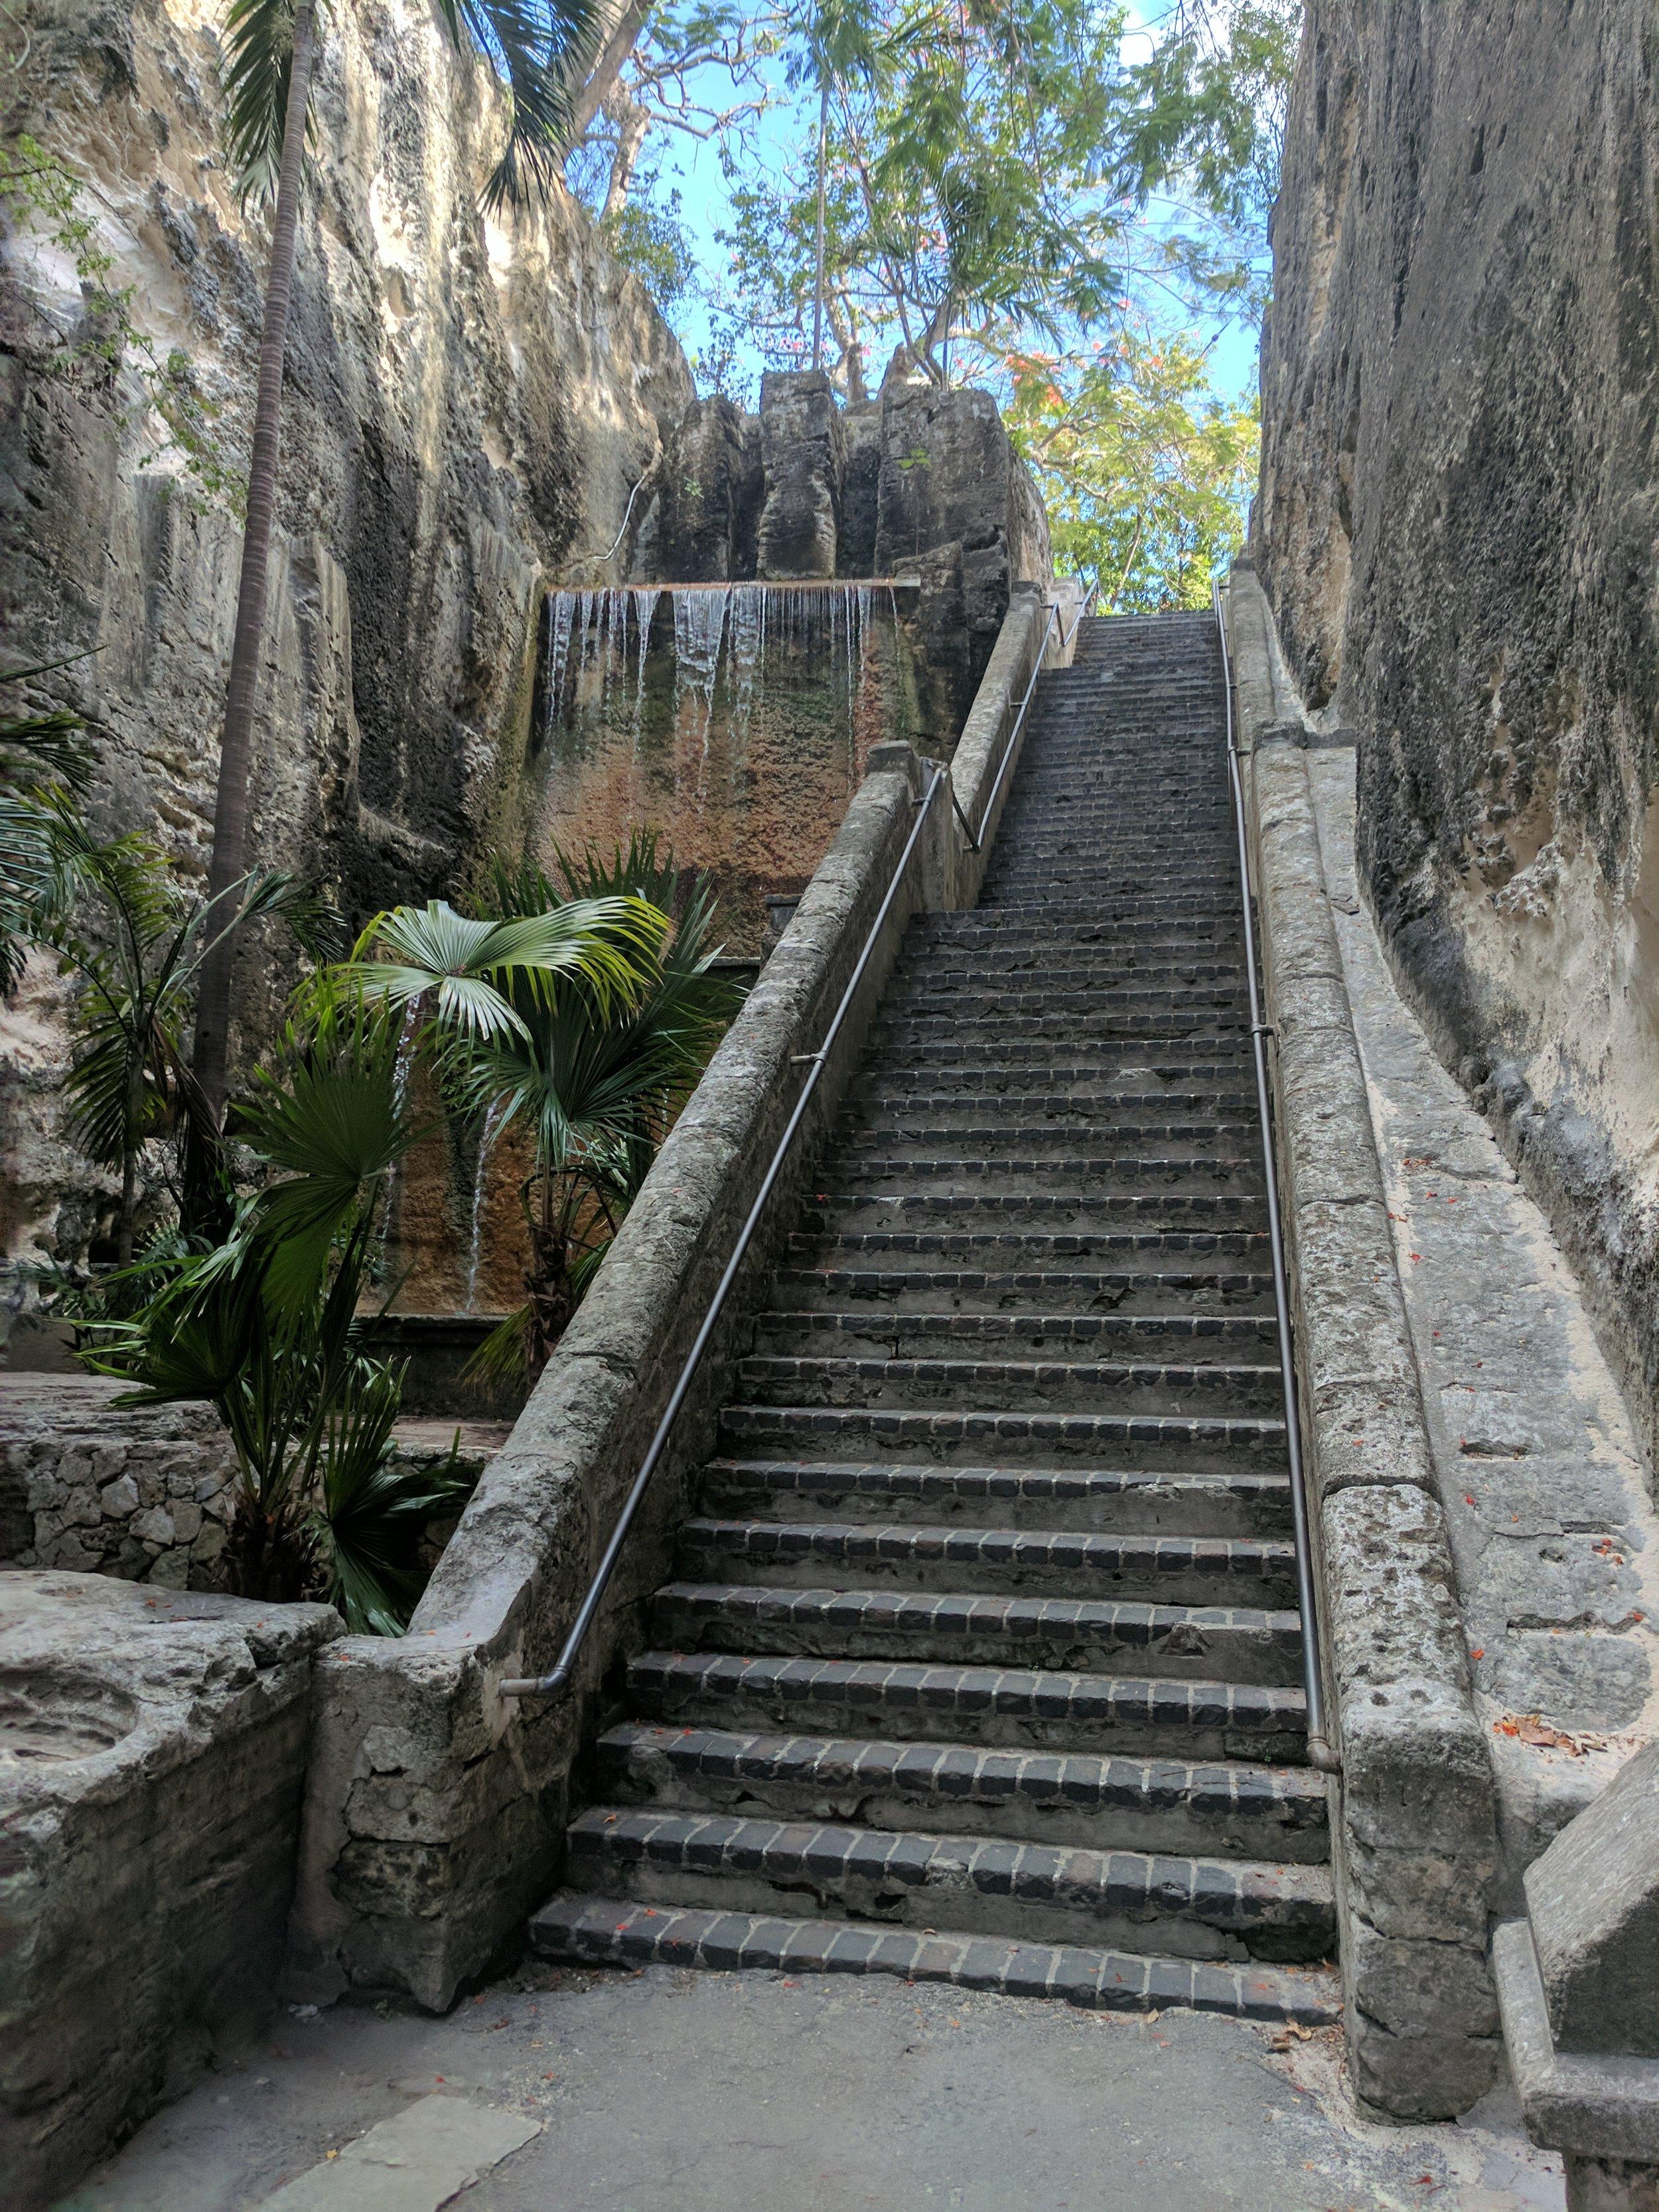 The Queen's Staircase Nassau Bahamas